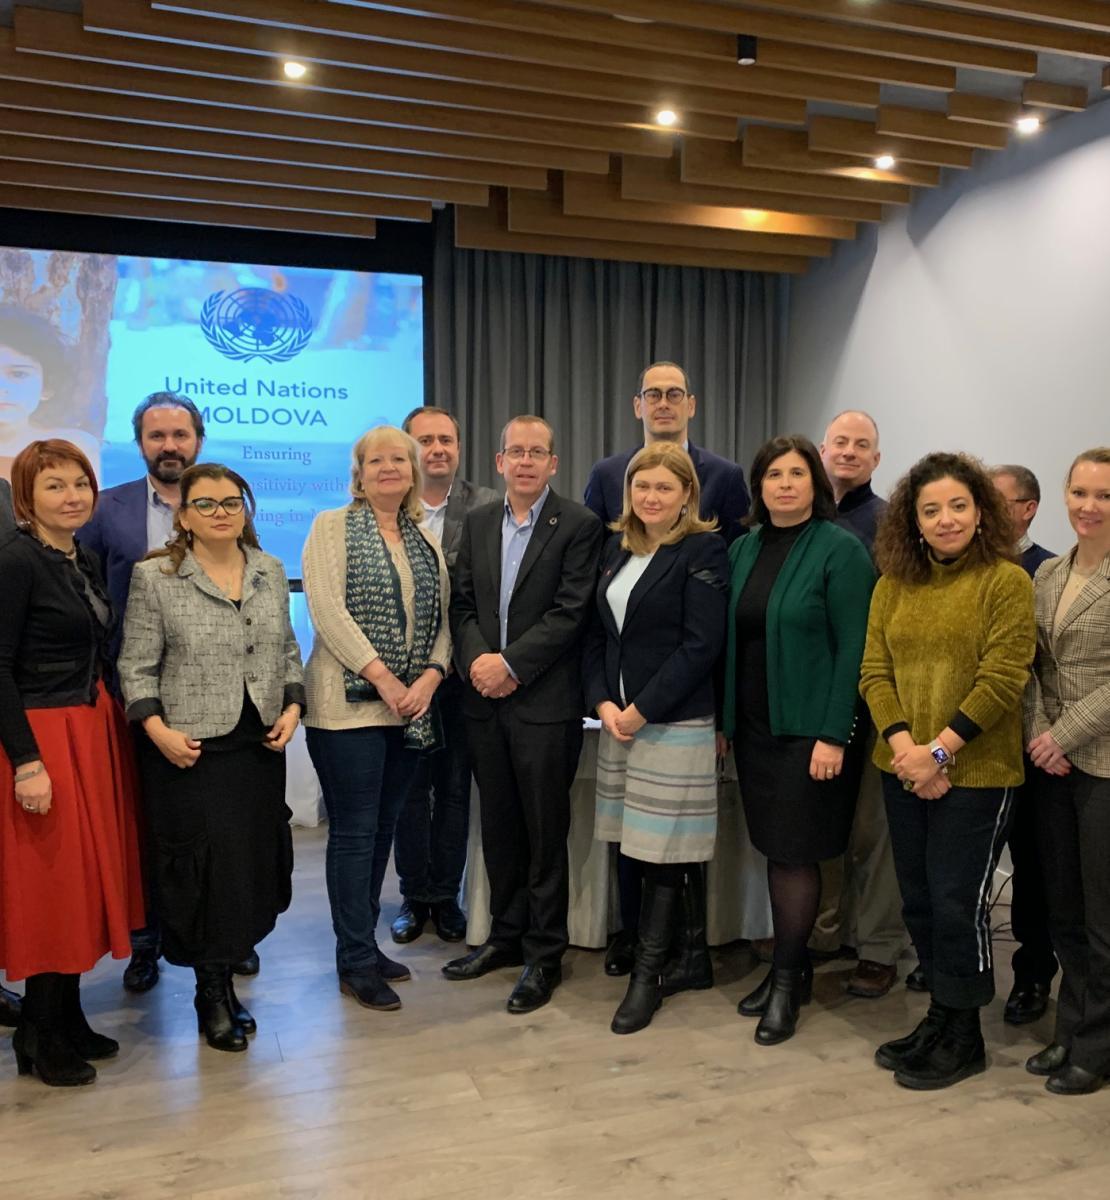 Des femmes et des hommes se tiennent debout dans une salle, face caméra, en souriant. On aperçoit en arrière-plan le logo des Nations Unies en Moldova projeté sur un écran.